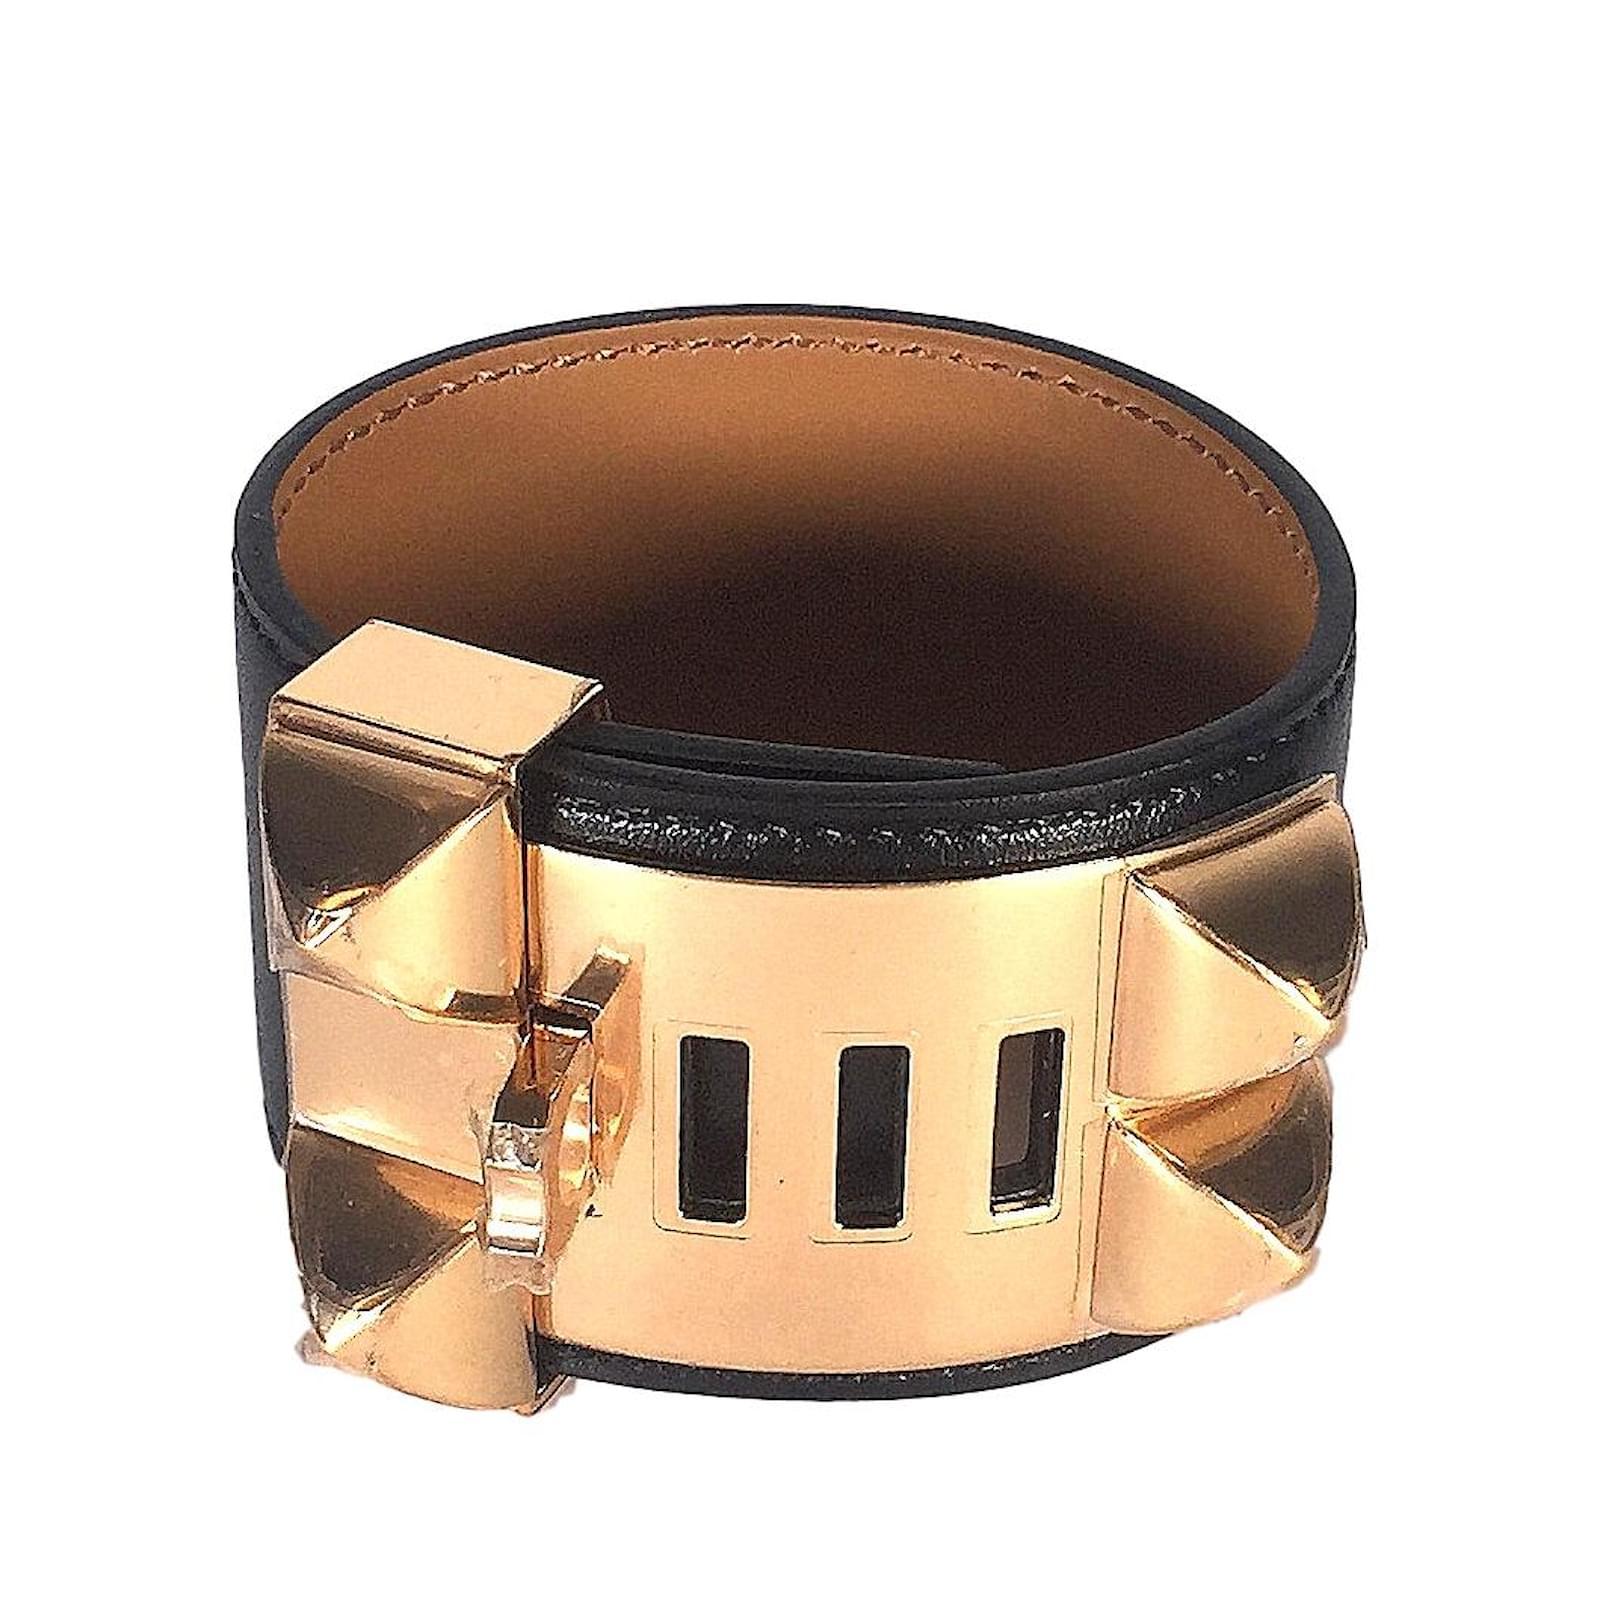 spain bracelets hermès collier de chien cuir noir ref.82659 535eb c58cb 36098549d39